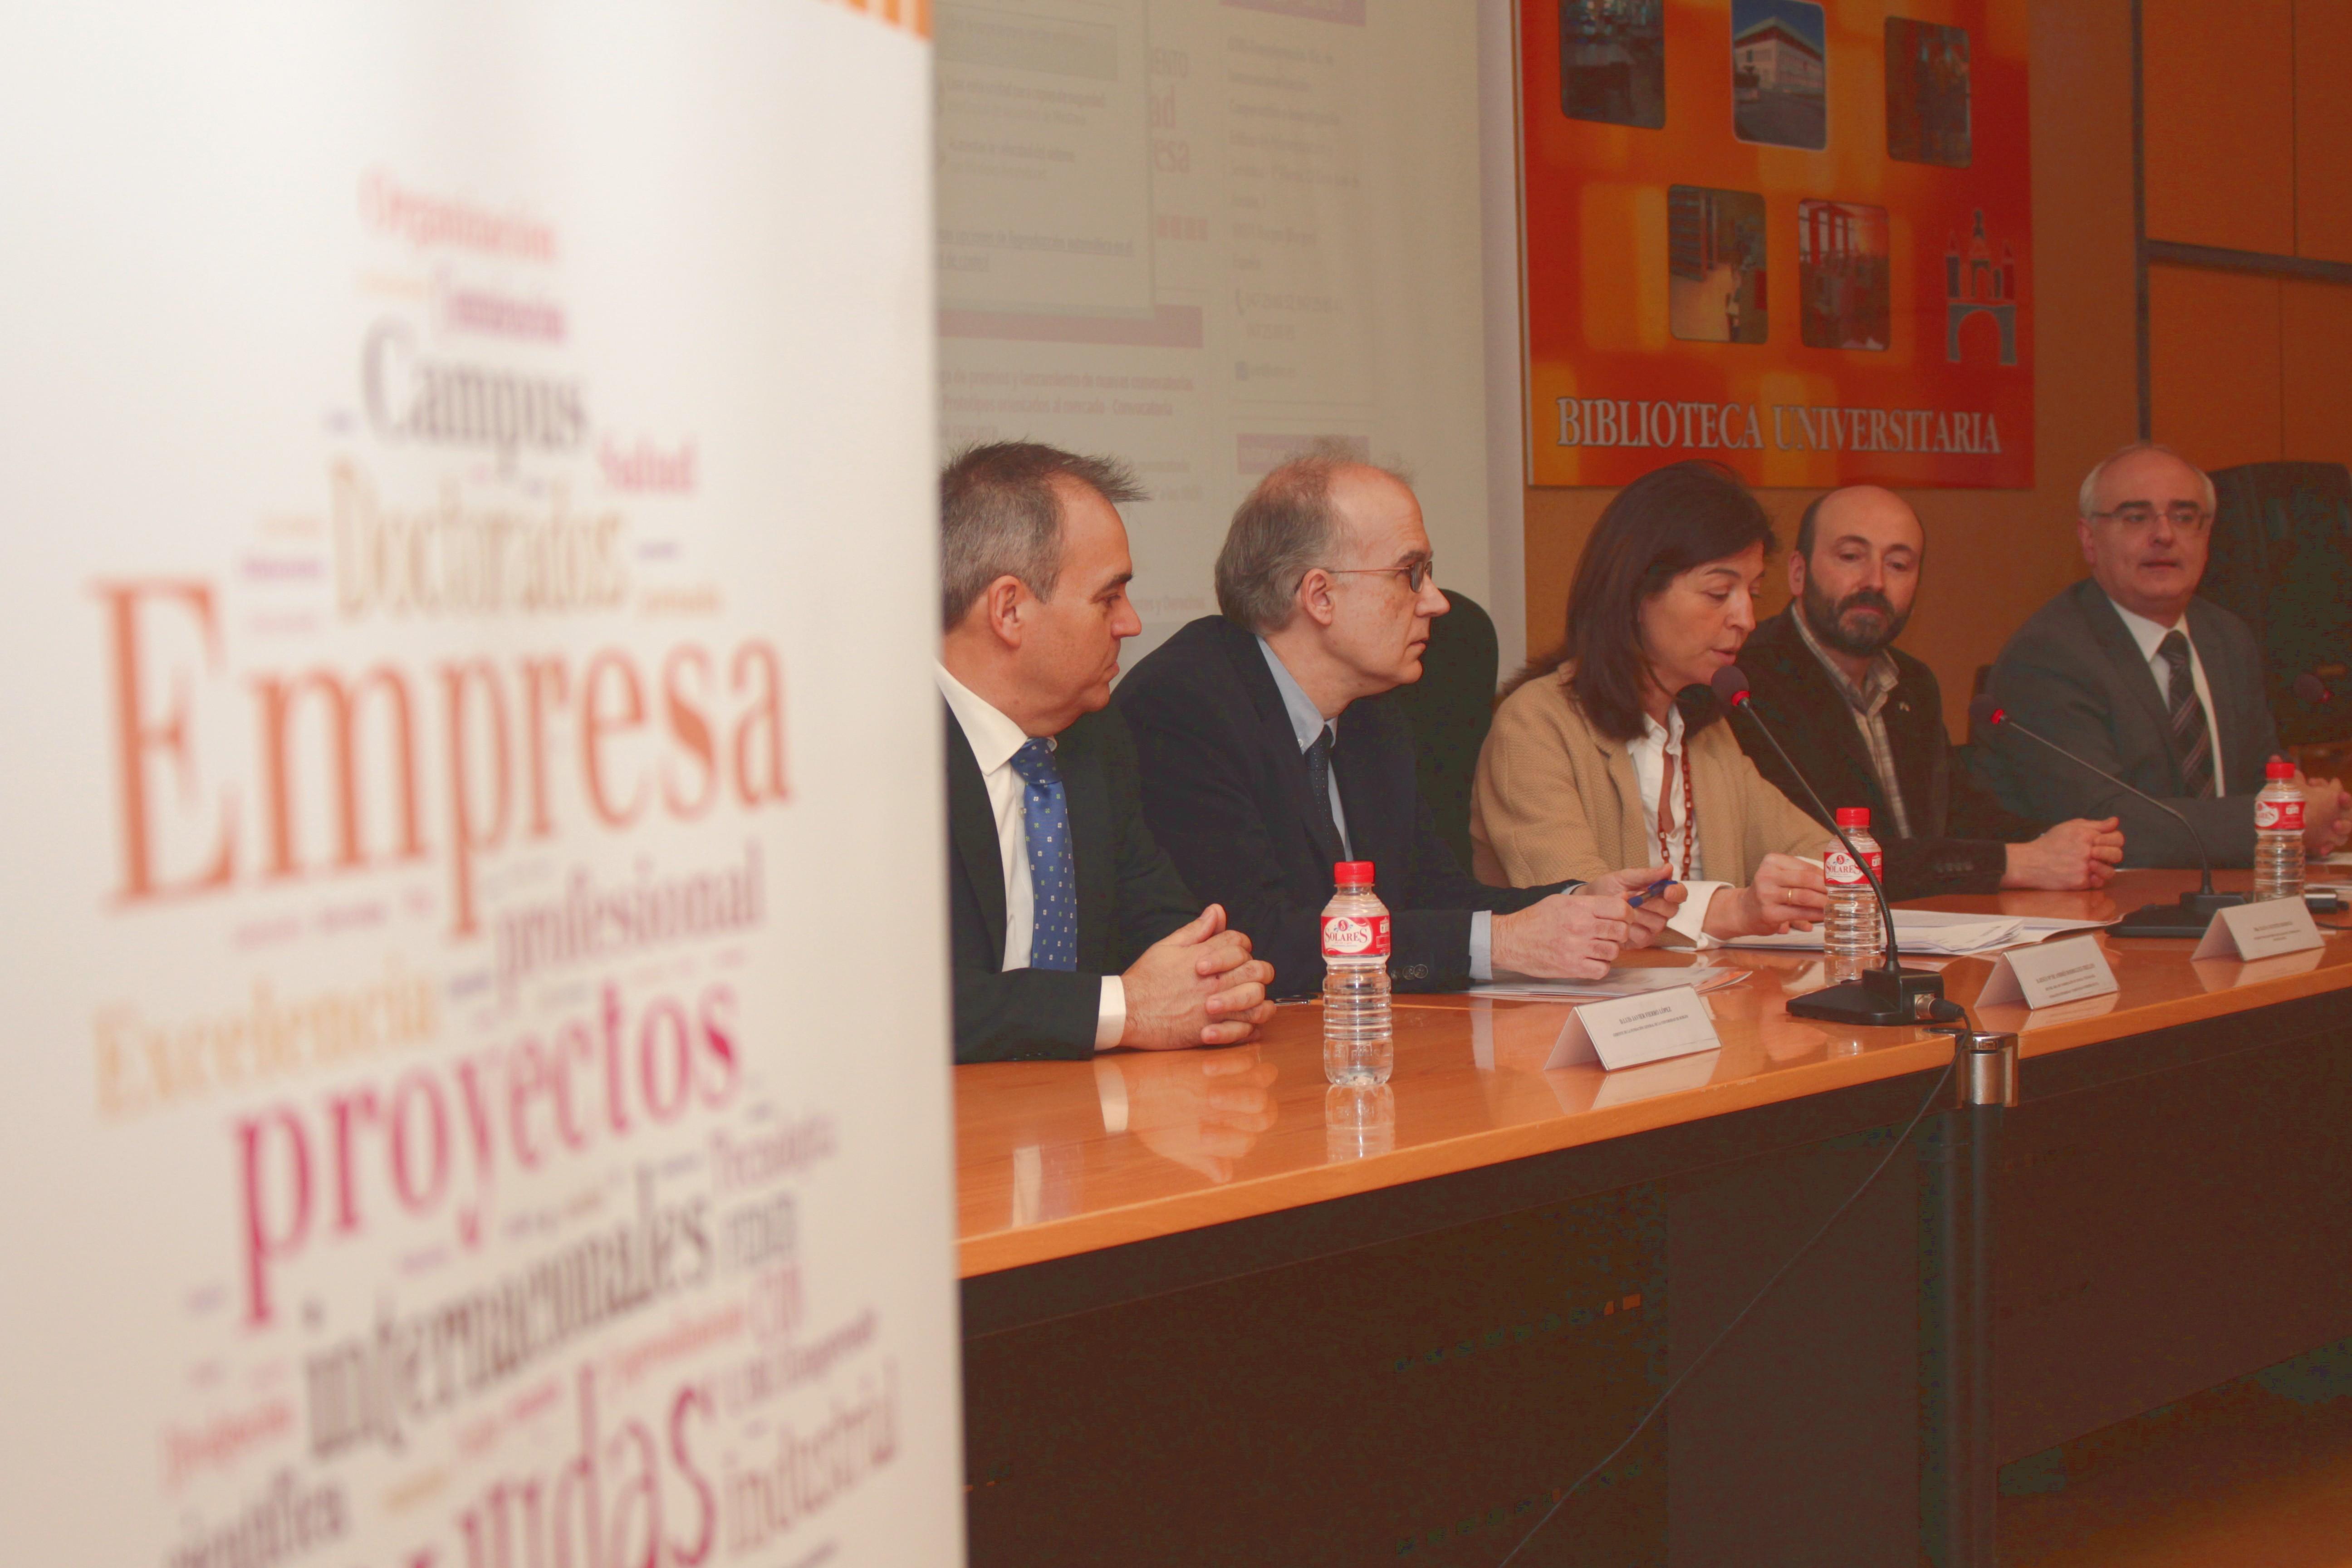 http://wwww.ubu.es/noticias/la-ubu-transfiere-investigacion-y-conocimiento-la-sociedad-y-la-empresa